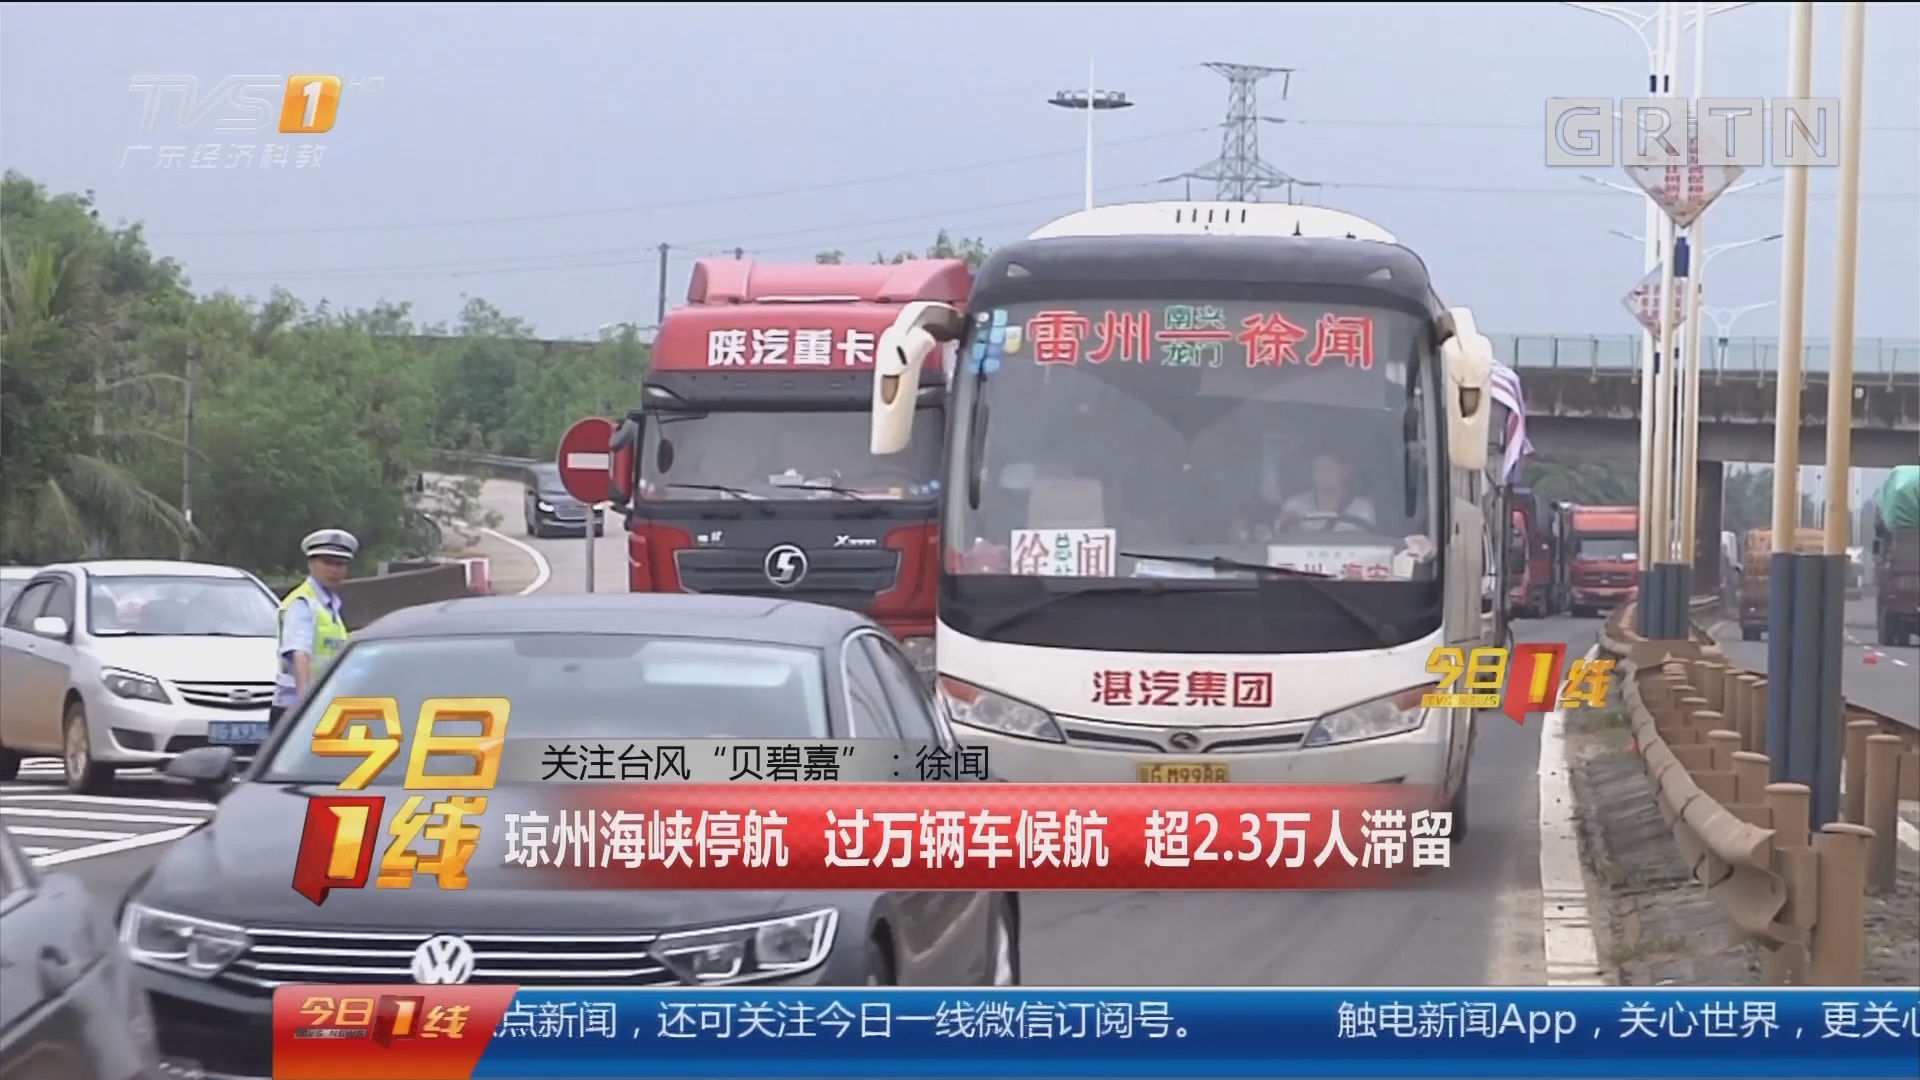 """关注台风""""贝碧嘉"""":徐闻 琼州海峡停航 过万辆车候航 超2.3万人滞留"""